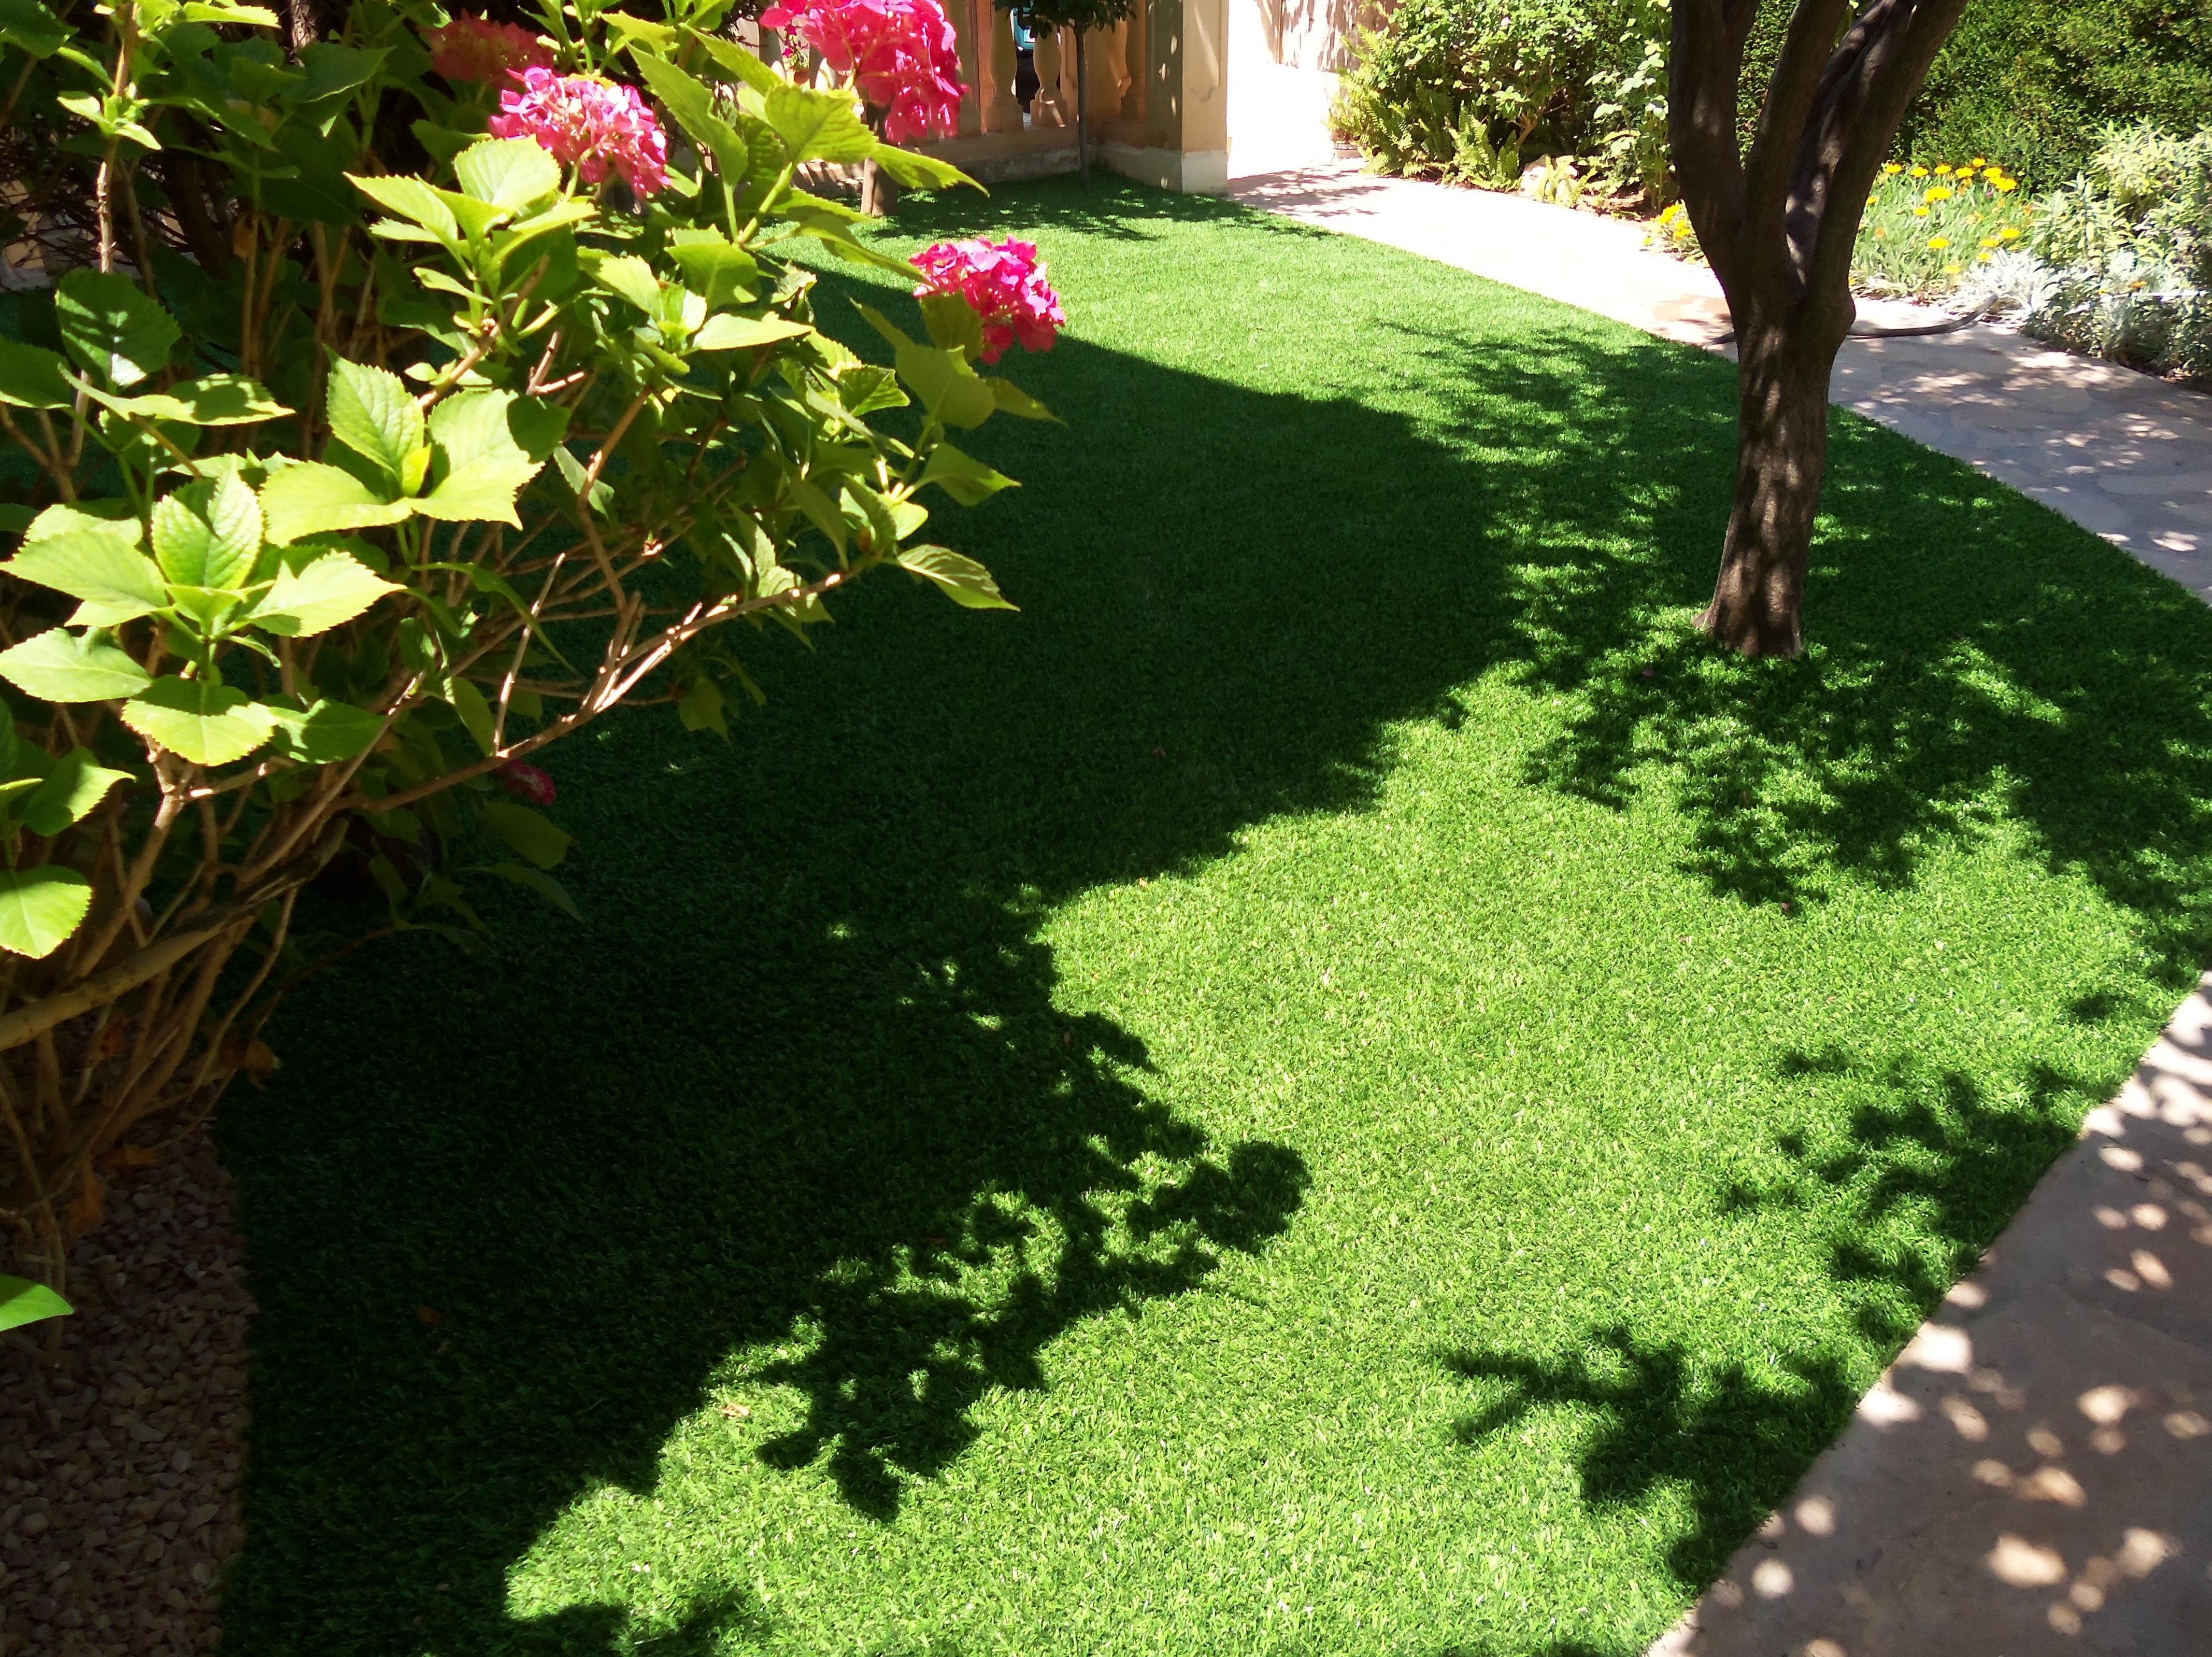 Proyecto Ches Pa con césped artificial en jardín particular en Valencia - Después